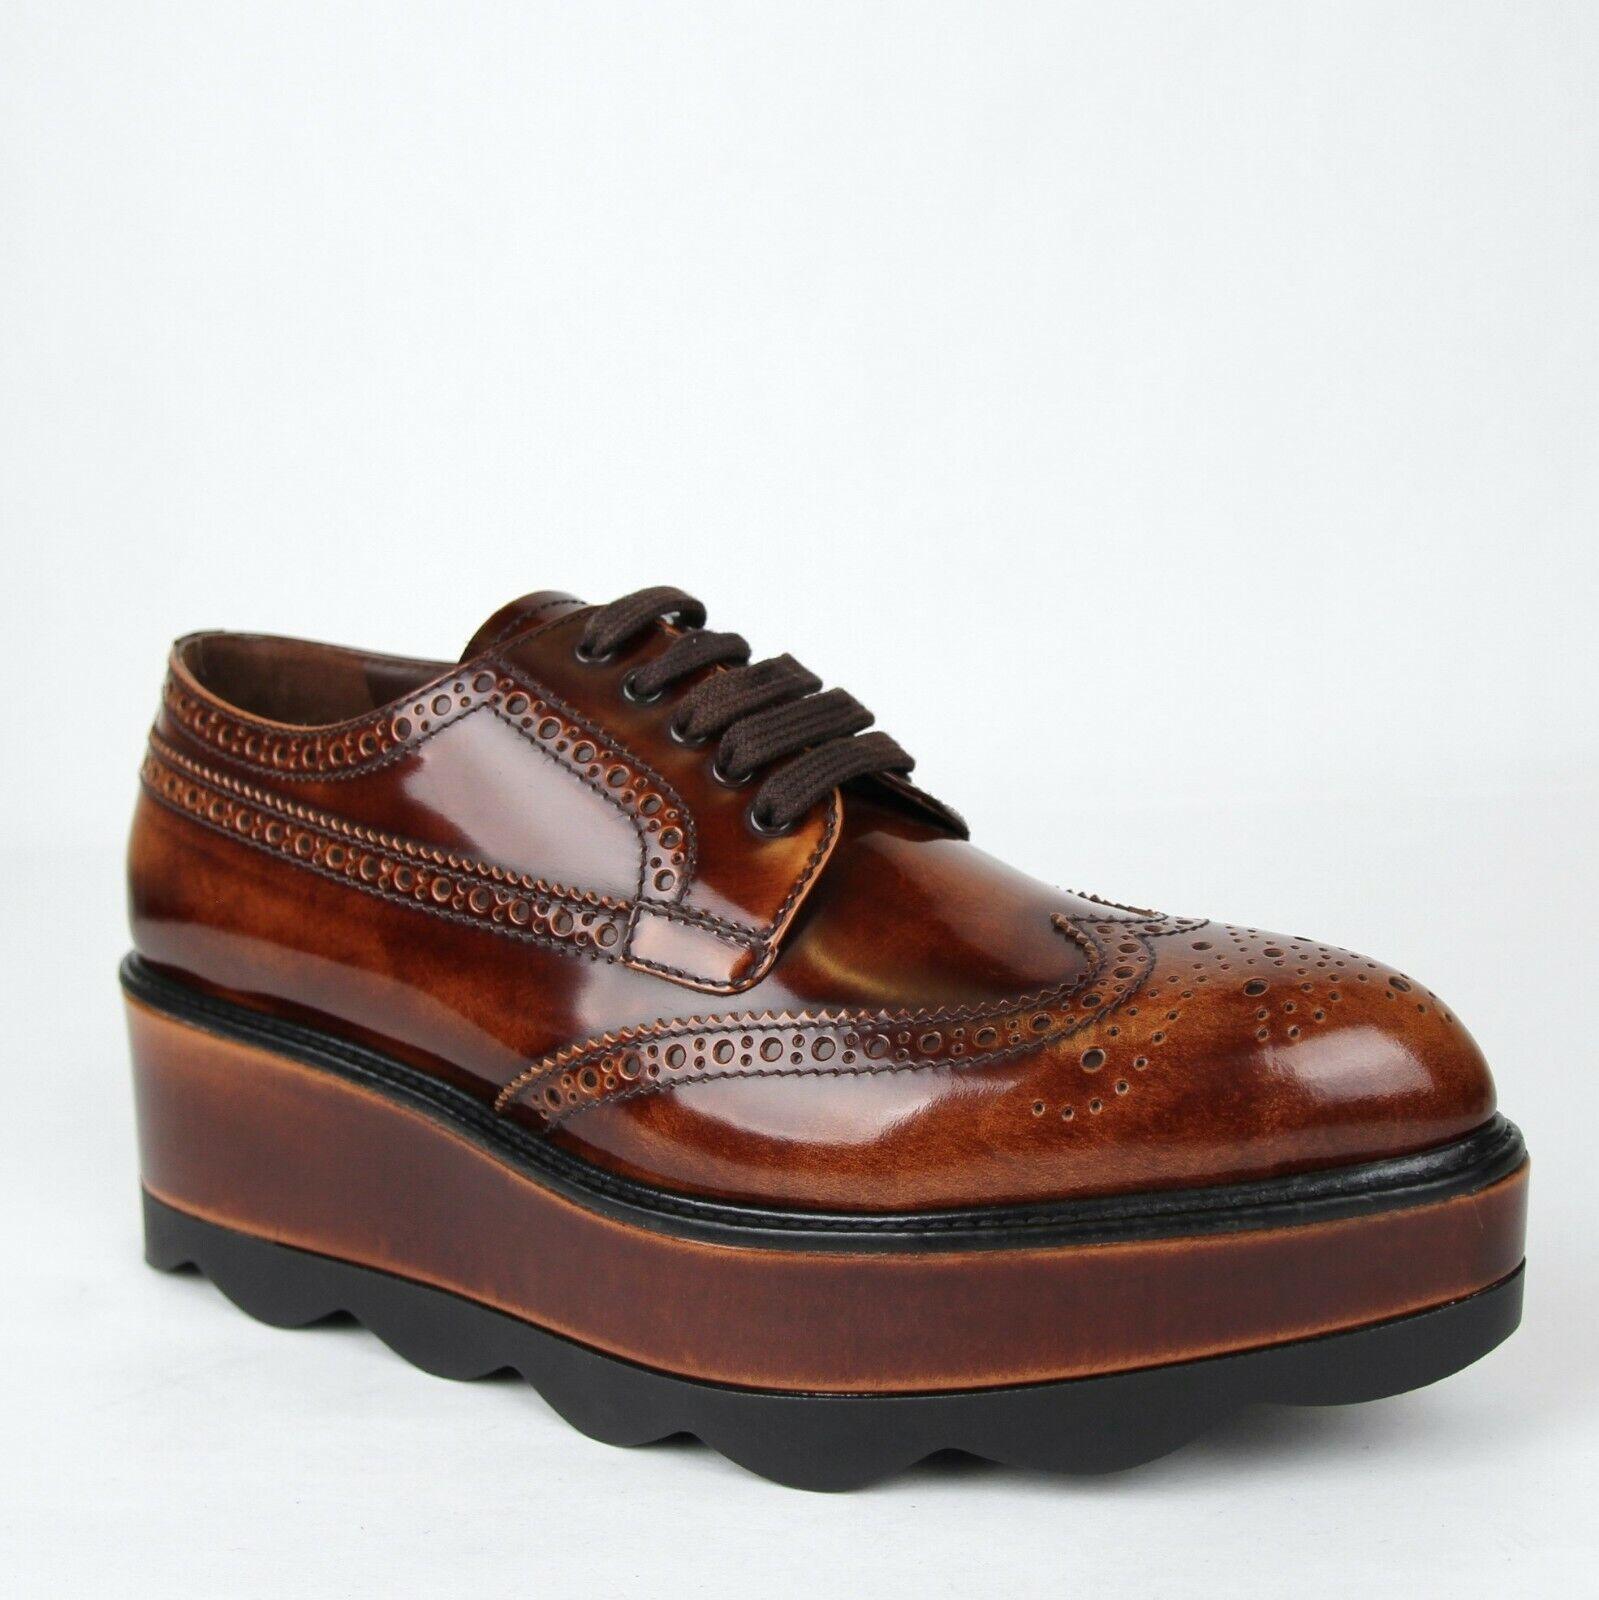 1090 Prada donna  Brushed Marronee Patent Leather Platform Oxford Dress scarpe 1E935G  acquista la qualità autentica al 100%